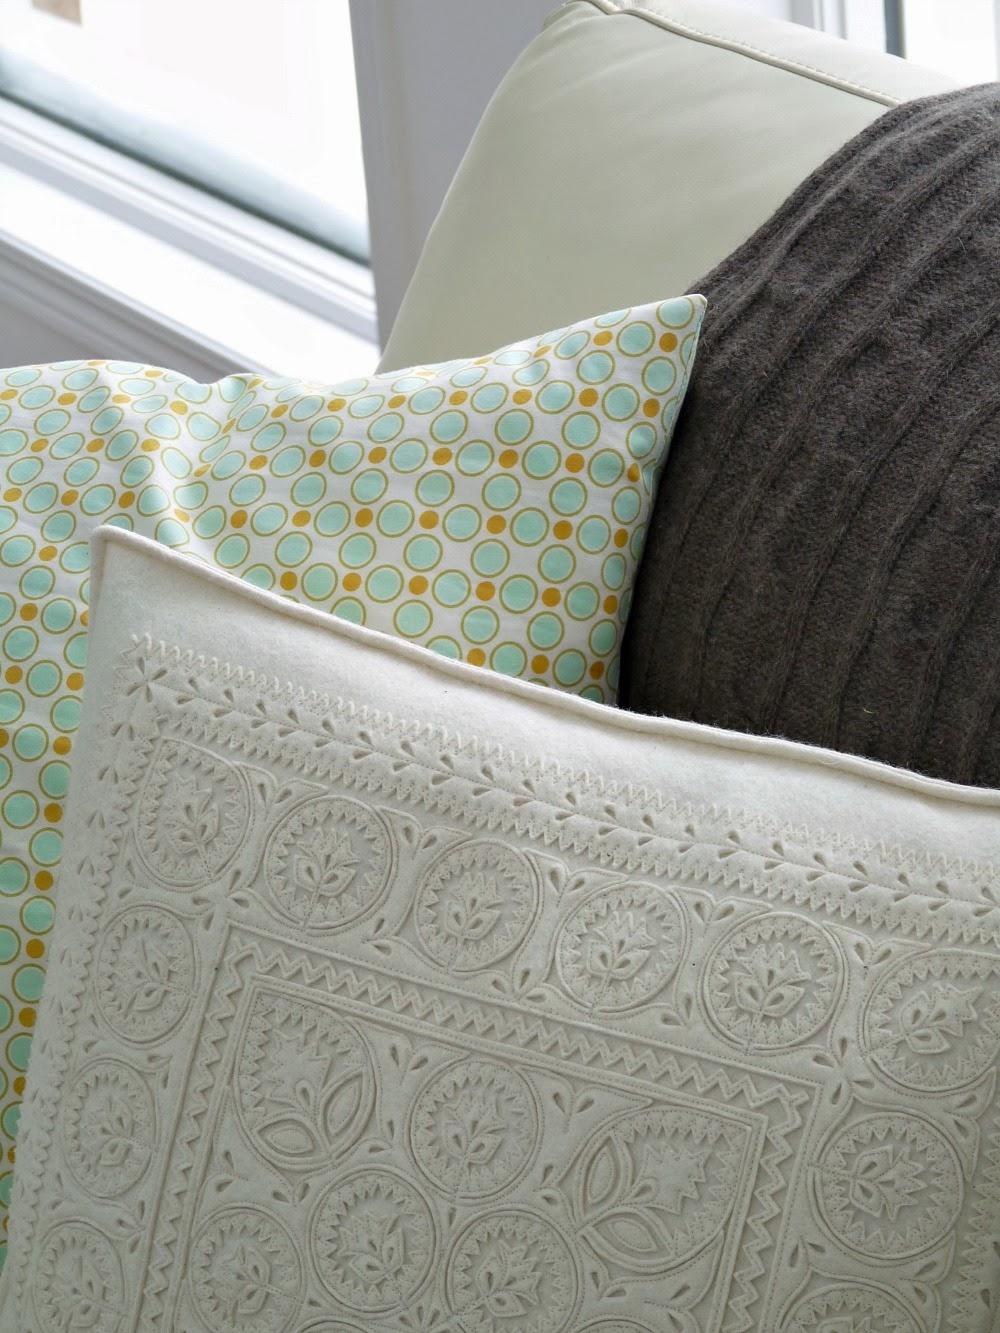 Textured Cream Wool Pillow